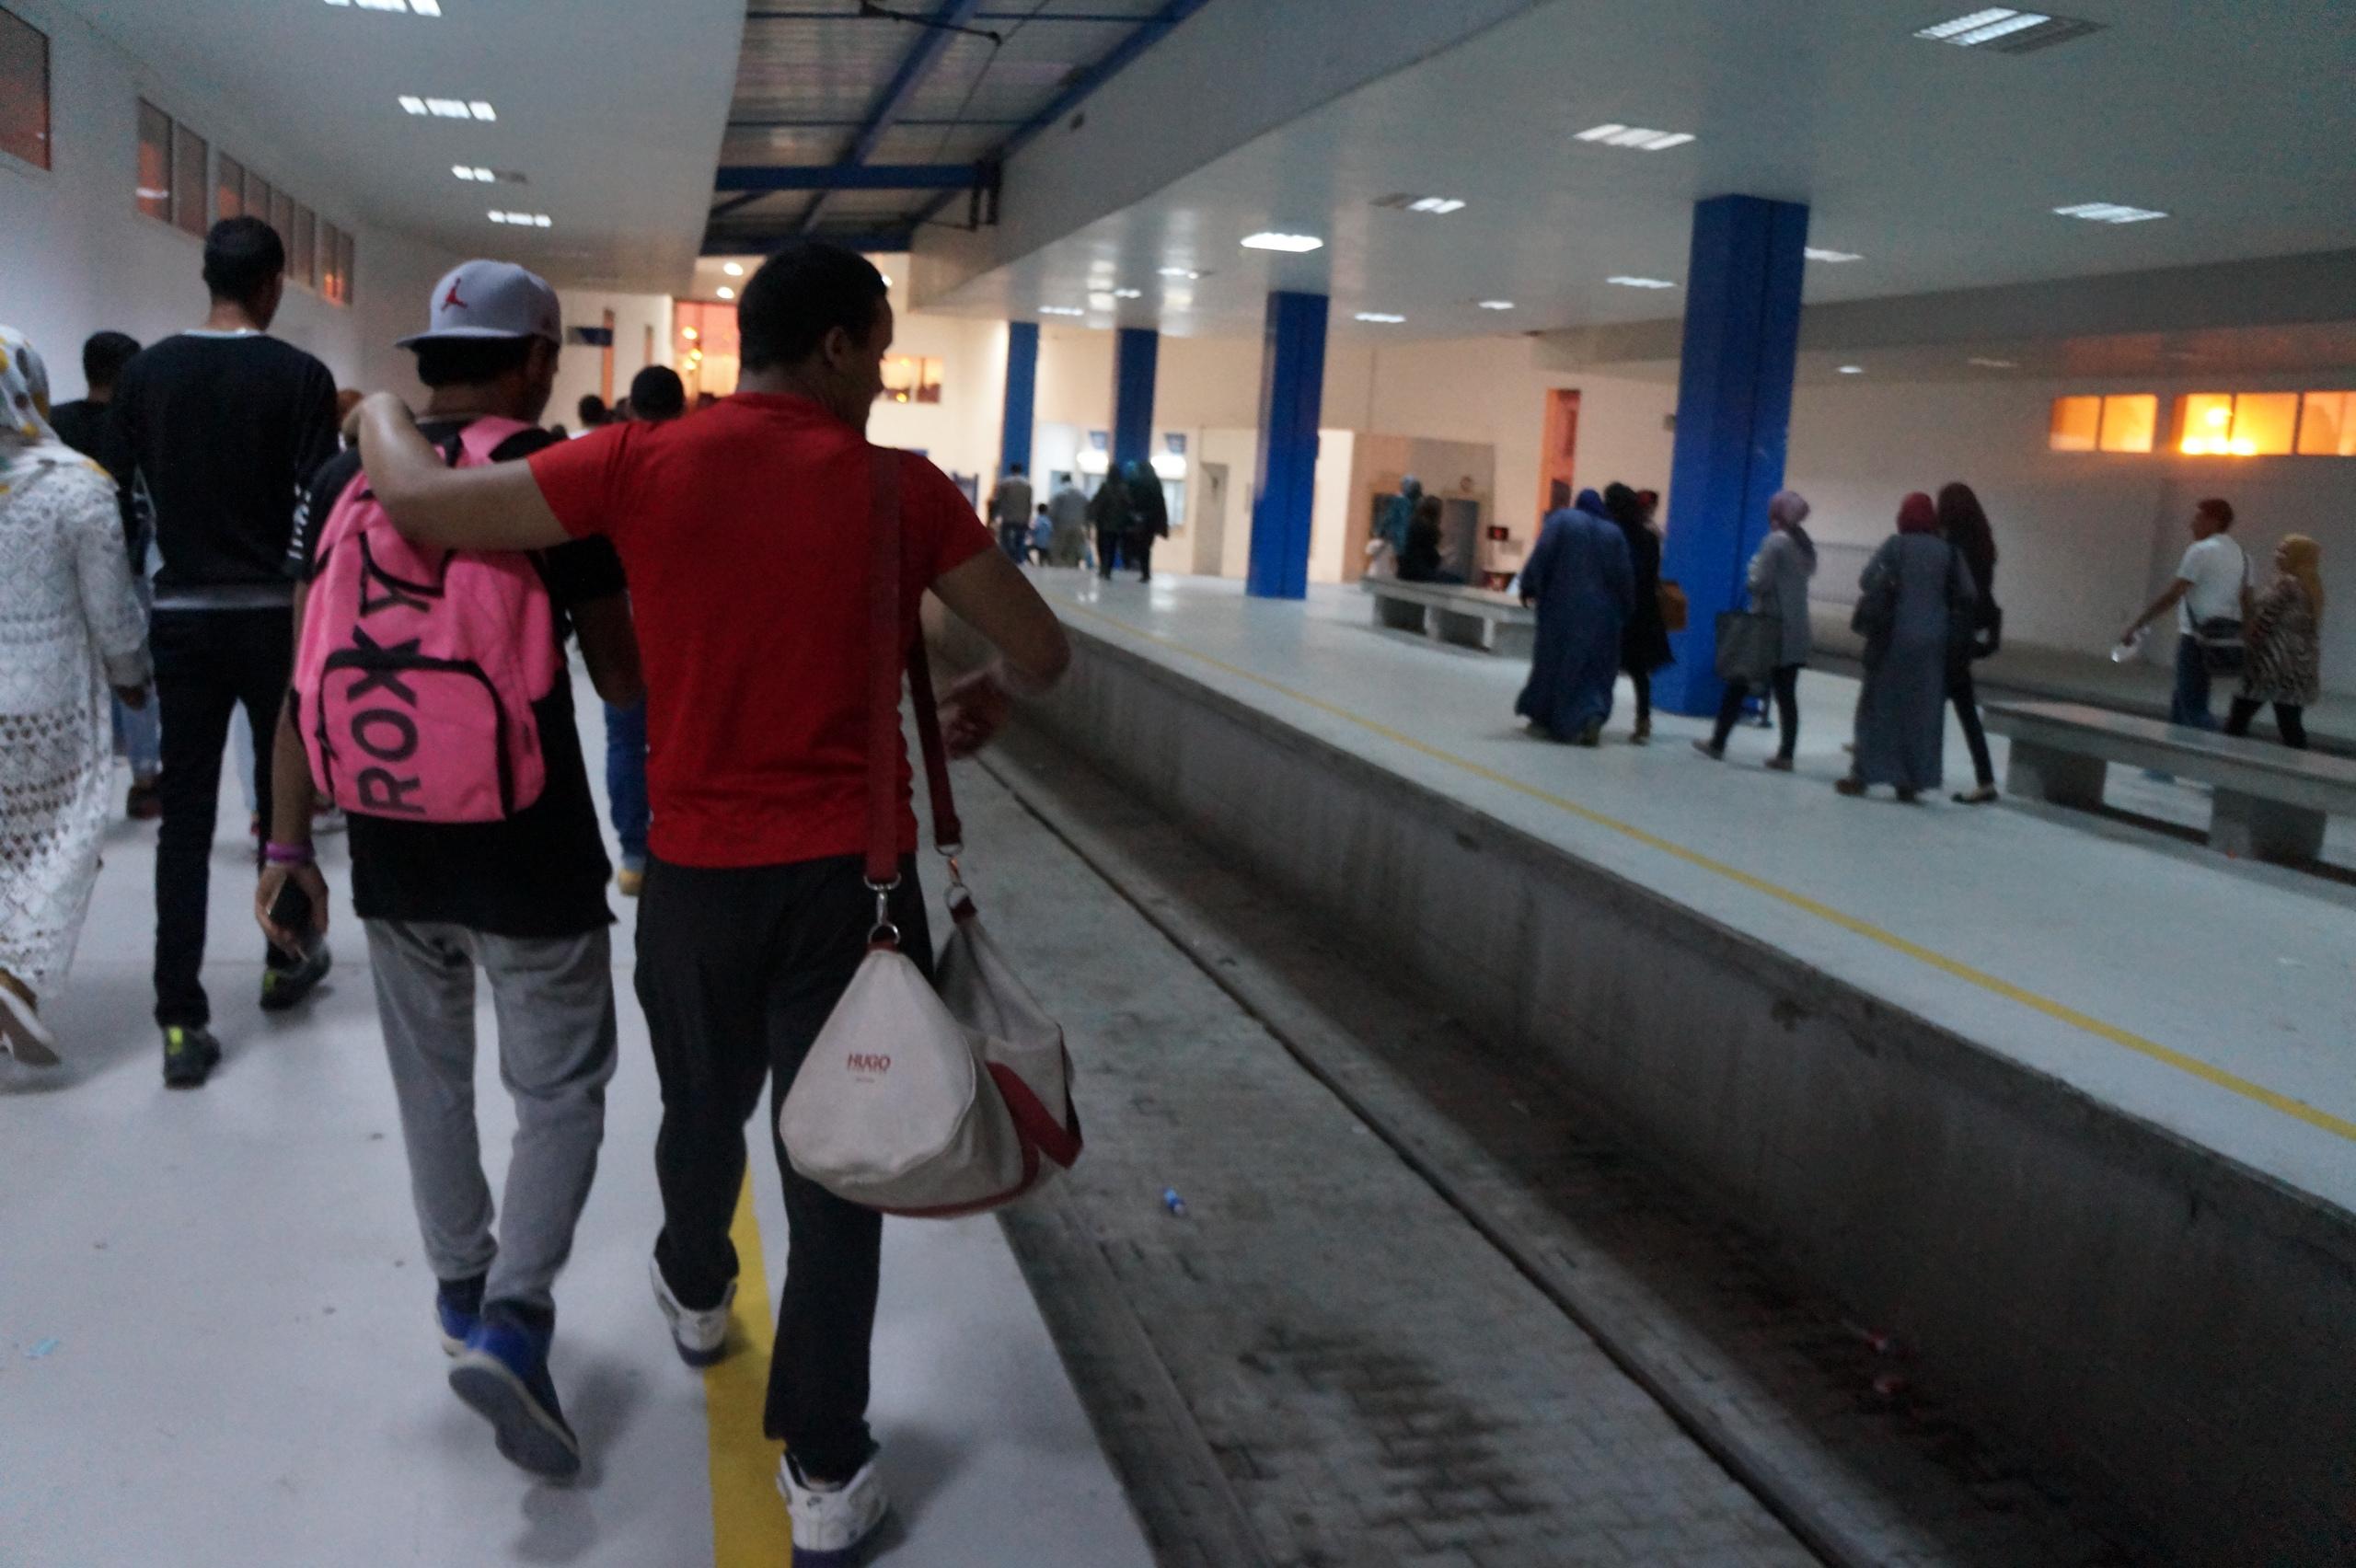 Опасный Тунис туристов, посольства, поезда, Тунисе, самом, местные, чтобы, улицу, страны, просто, Сначала, военных, Карфагена, французского, выволокли, думал, висела, парня, груди, какогото